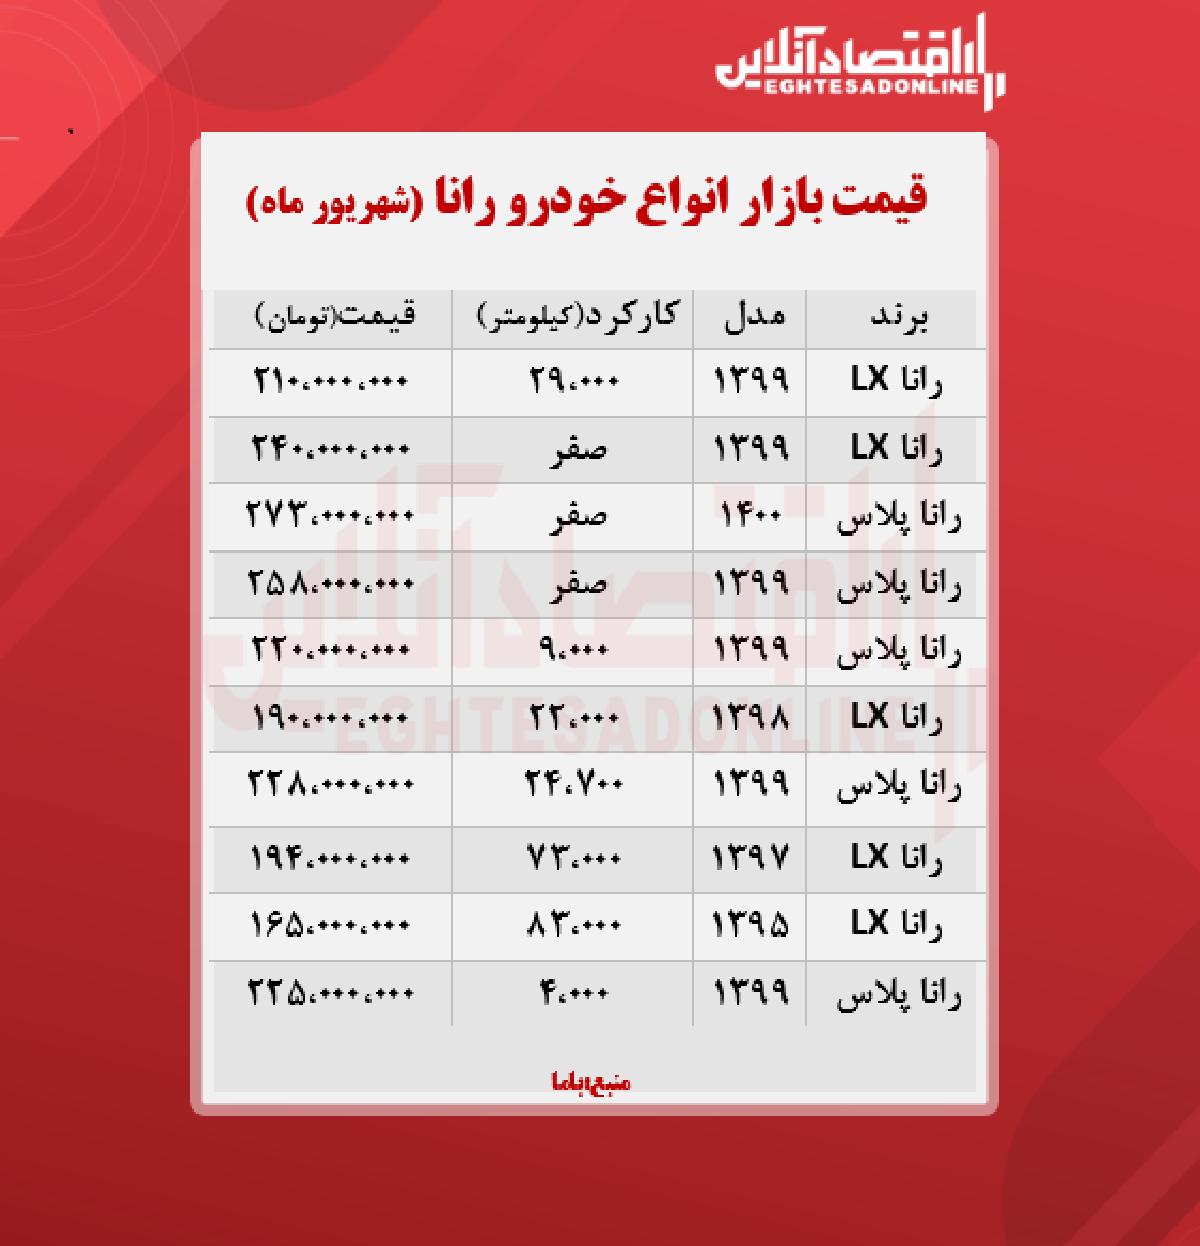 قیمت رانا پلاس به مرز 273 میلیون تومان رسید